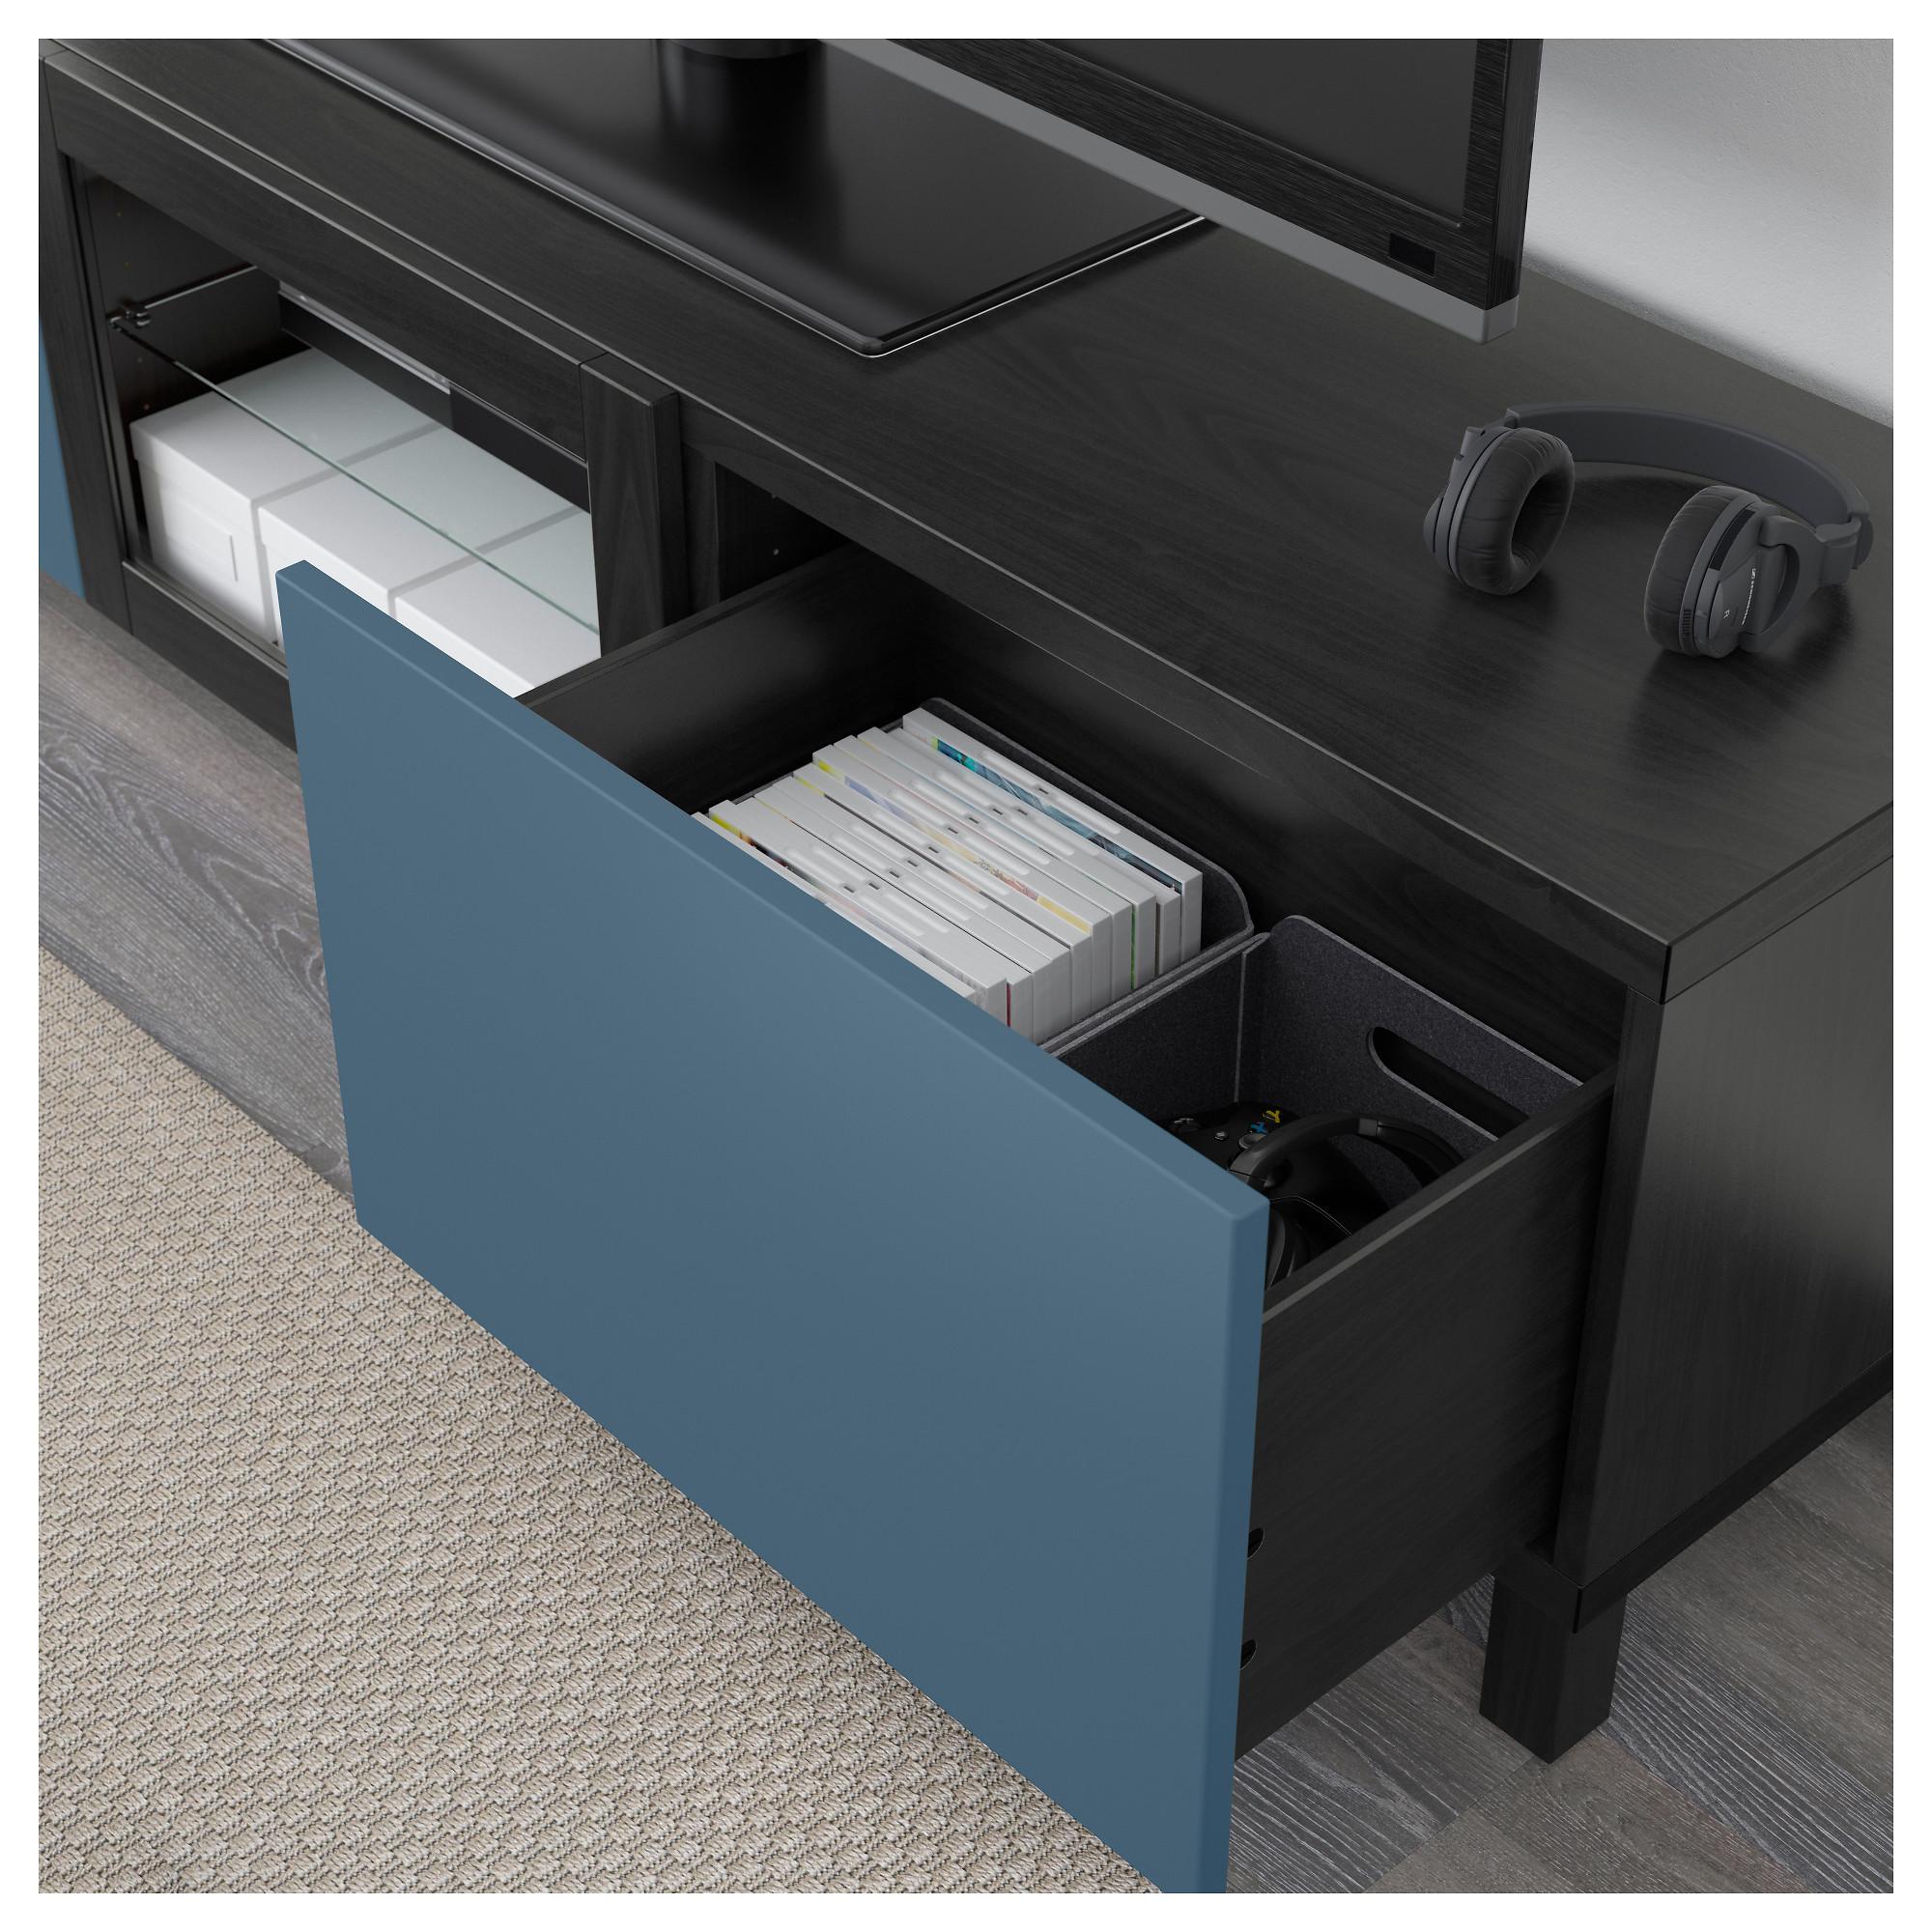 Тумба под ТВ с ящиками и дверцей БЕСТО артикуль № 392.510.40 в наличии. Интернет сайт IKEA Минск. Быстрая доставка и установка.